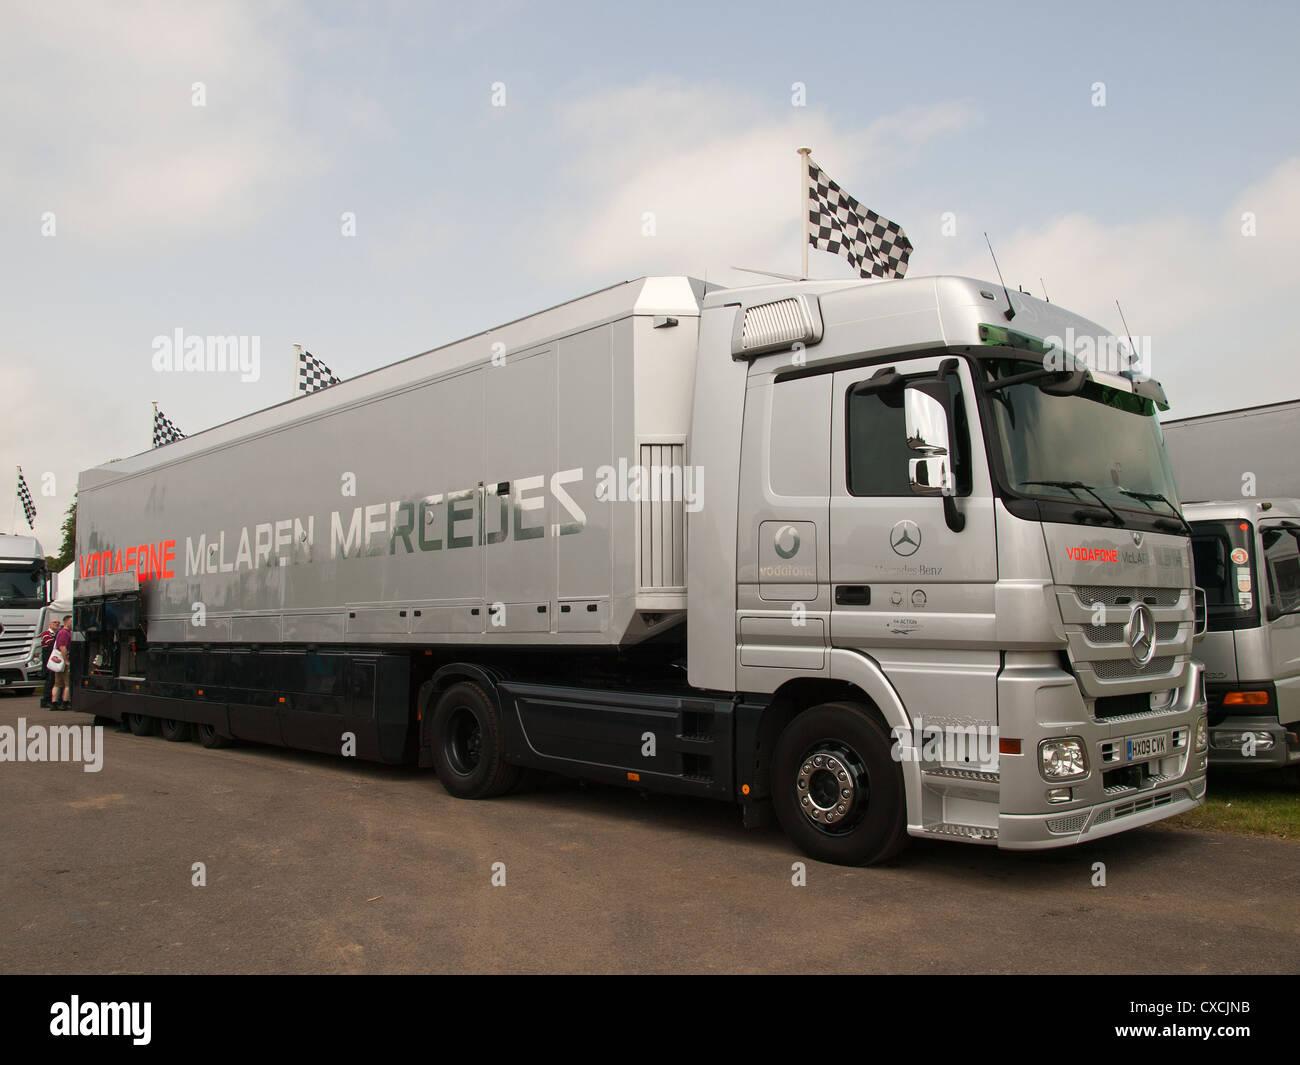 hight resolution of vodafone mclaren mercedes team f1 truck goodwood festival of speed england uk 2012